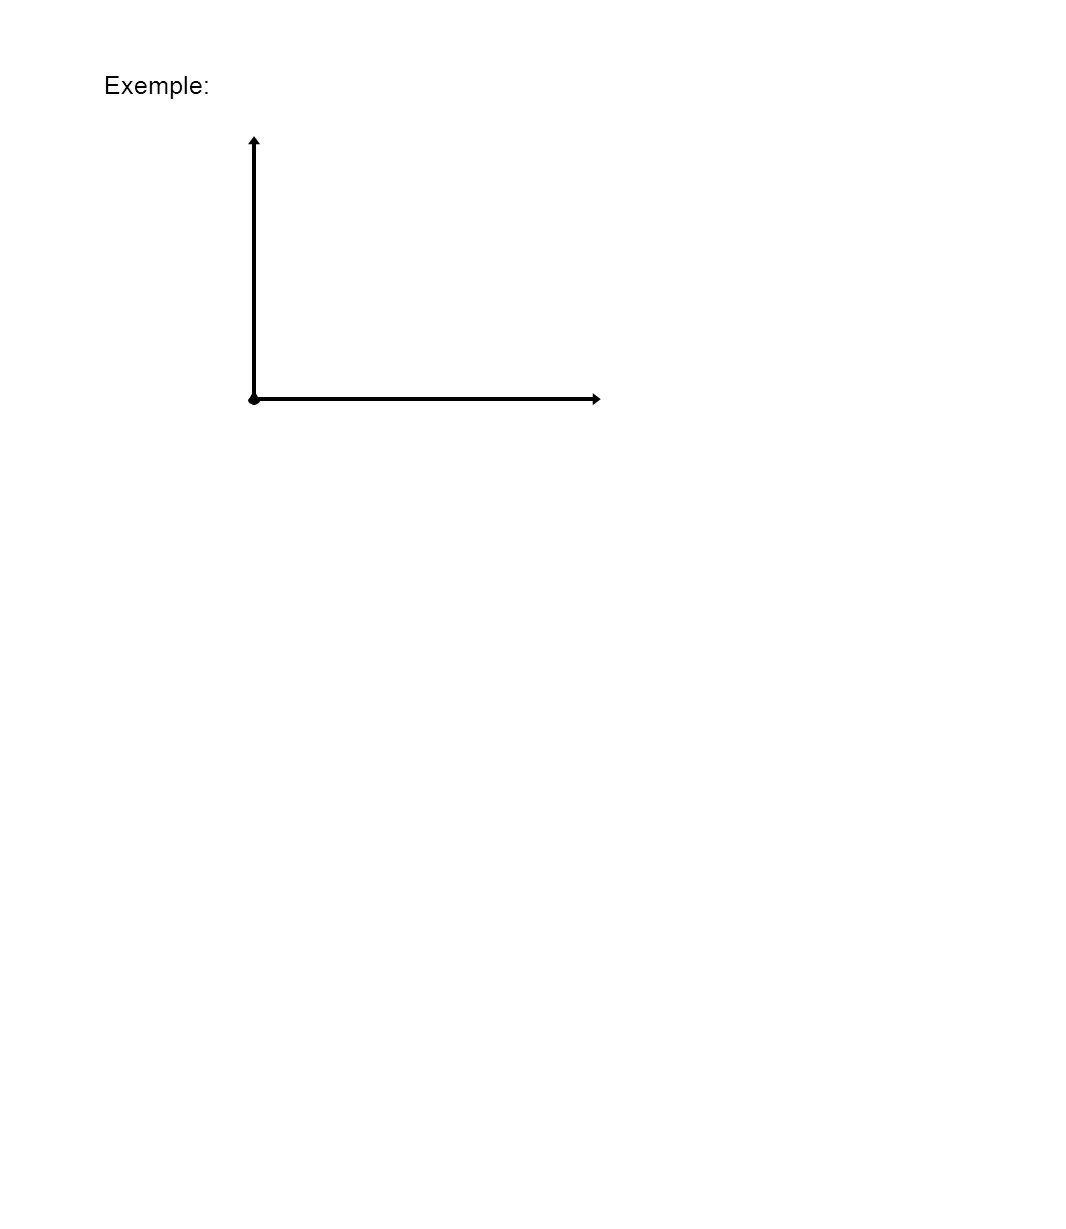 La vélocité est mesuré par la pente de la ligne qui se trouve dans la graphique.